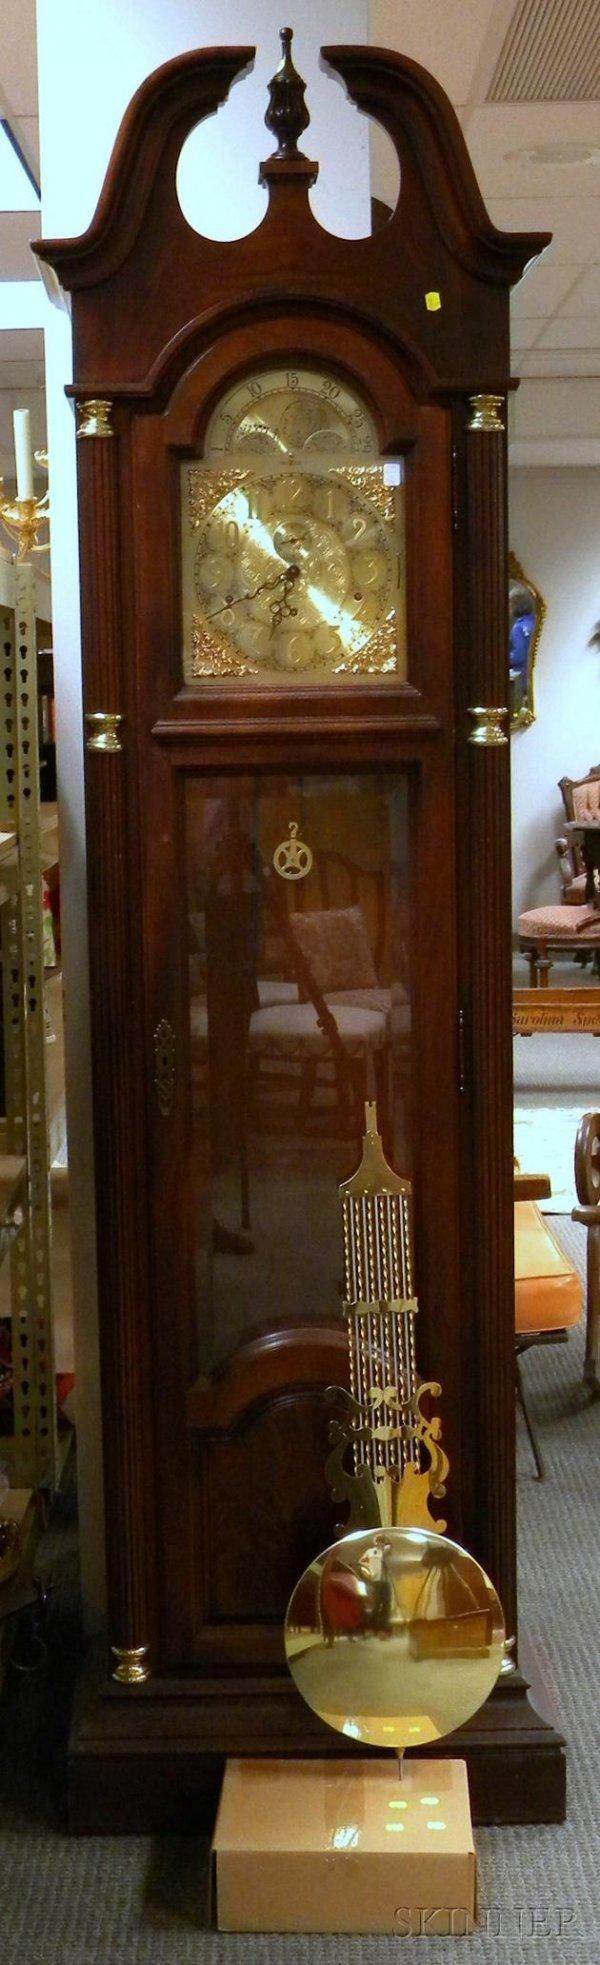 716: Mahogany Quarter-chiming Floor Clock by Howard Mil